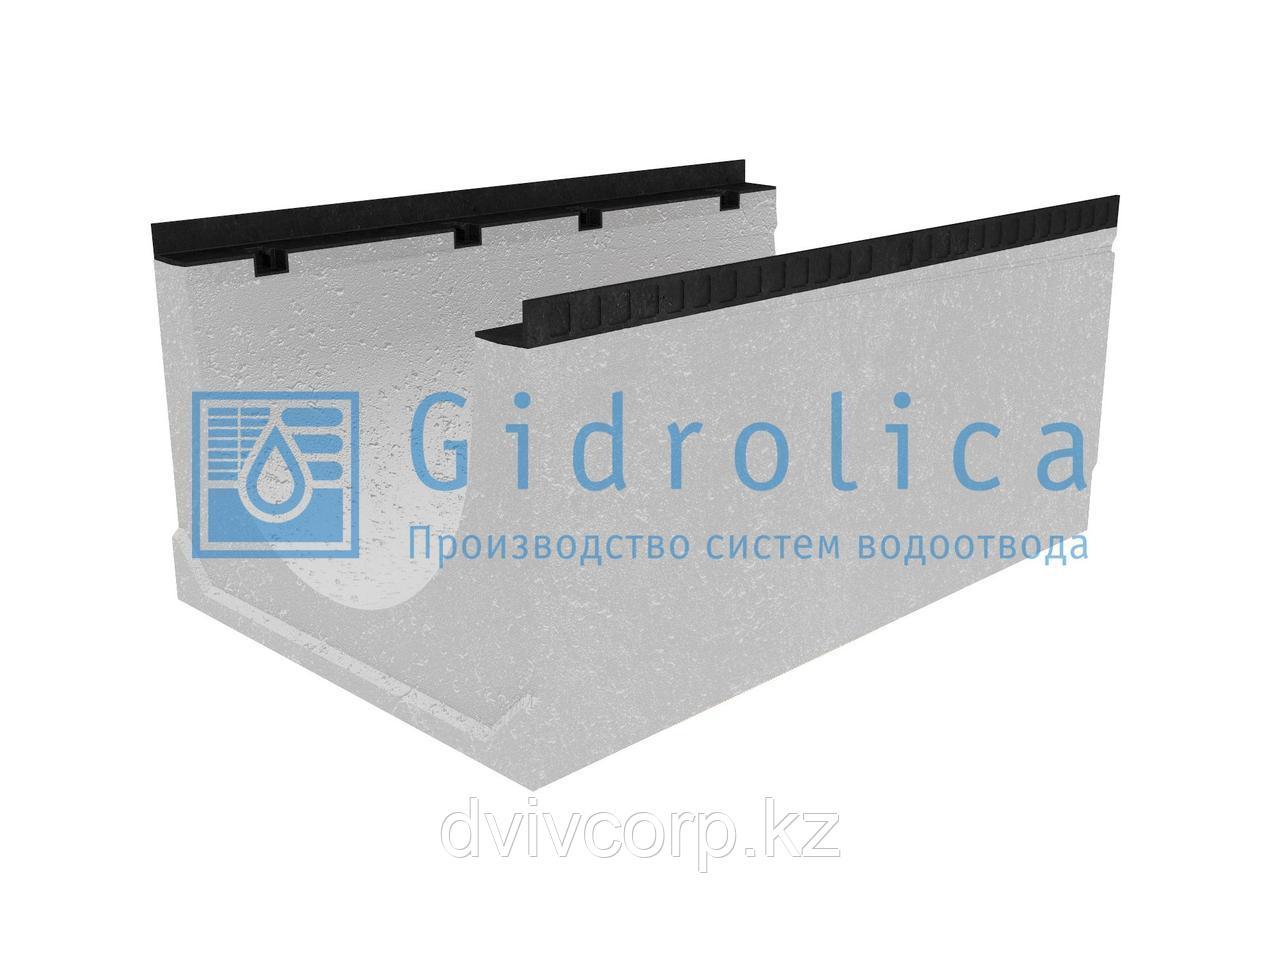 Лоток водоотводный бетонный коробчатый (СО-500мм), с уклоном 0,5%  КUу 100.65(50).46,5(37,5) - BGМ, № 3